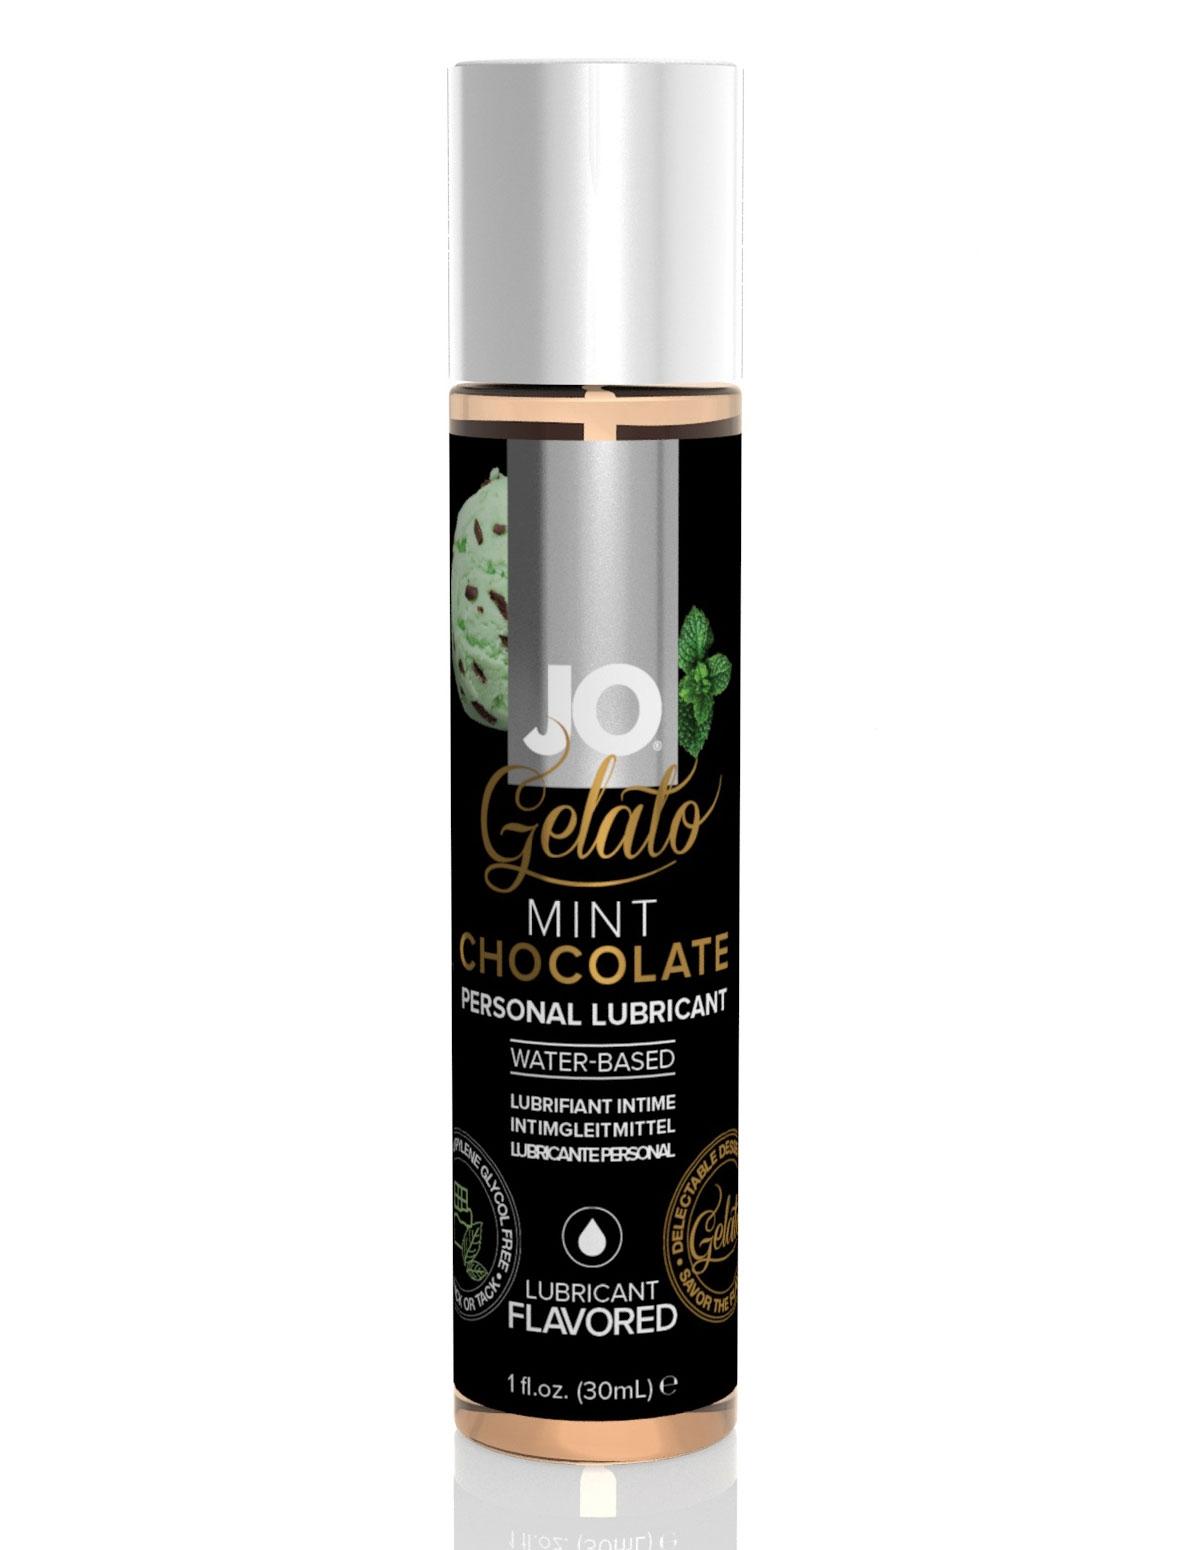 Jo Gelato Mint Chocolate 4 Oz Lube